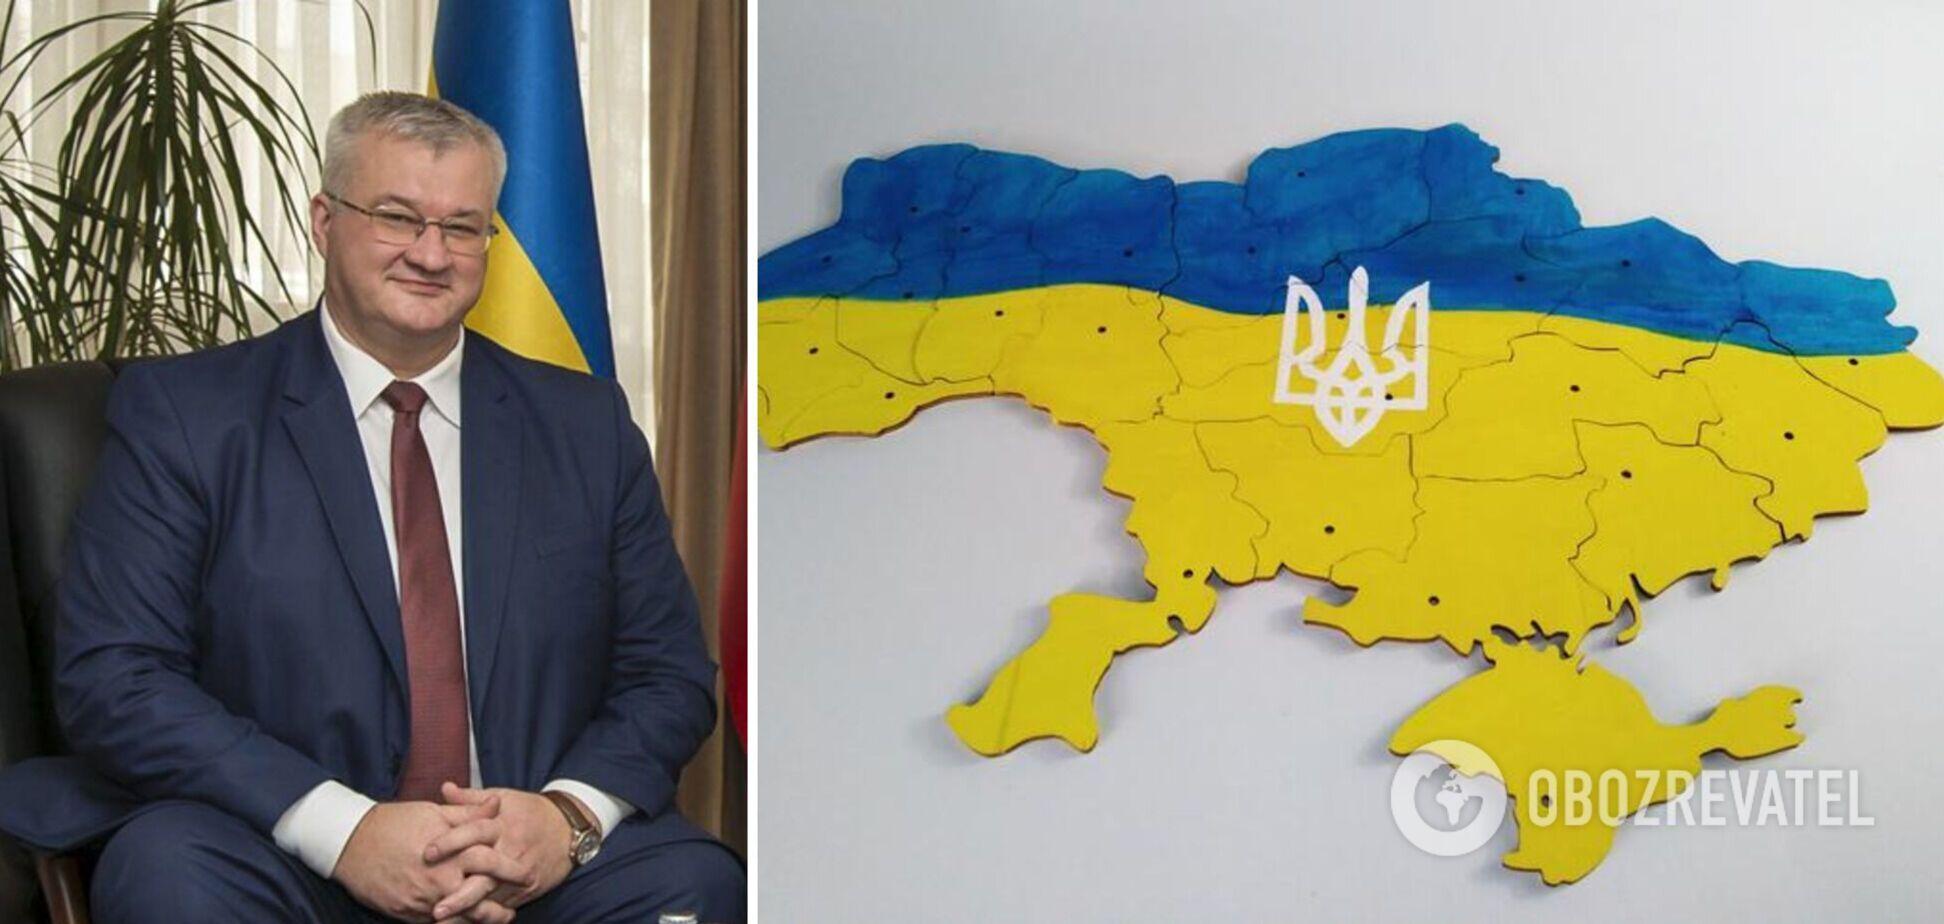 У Зеленского назвали список самых дружественных к Украине государств